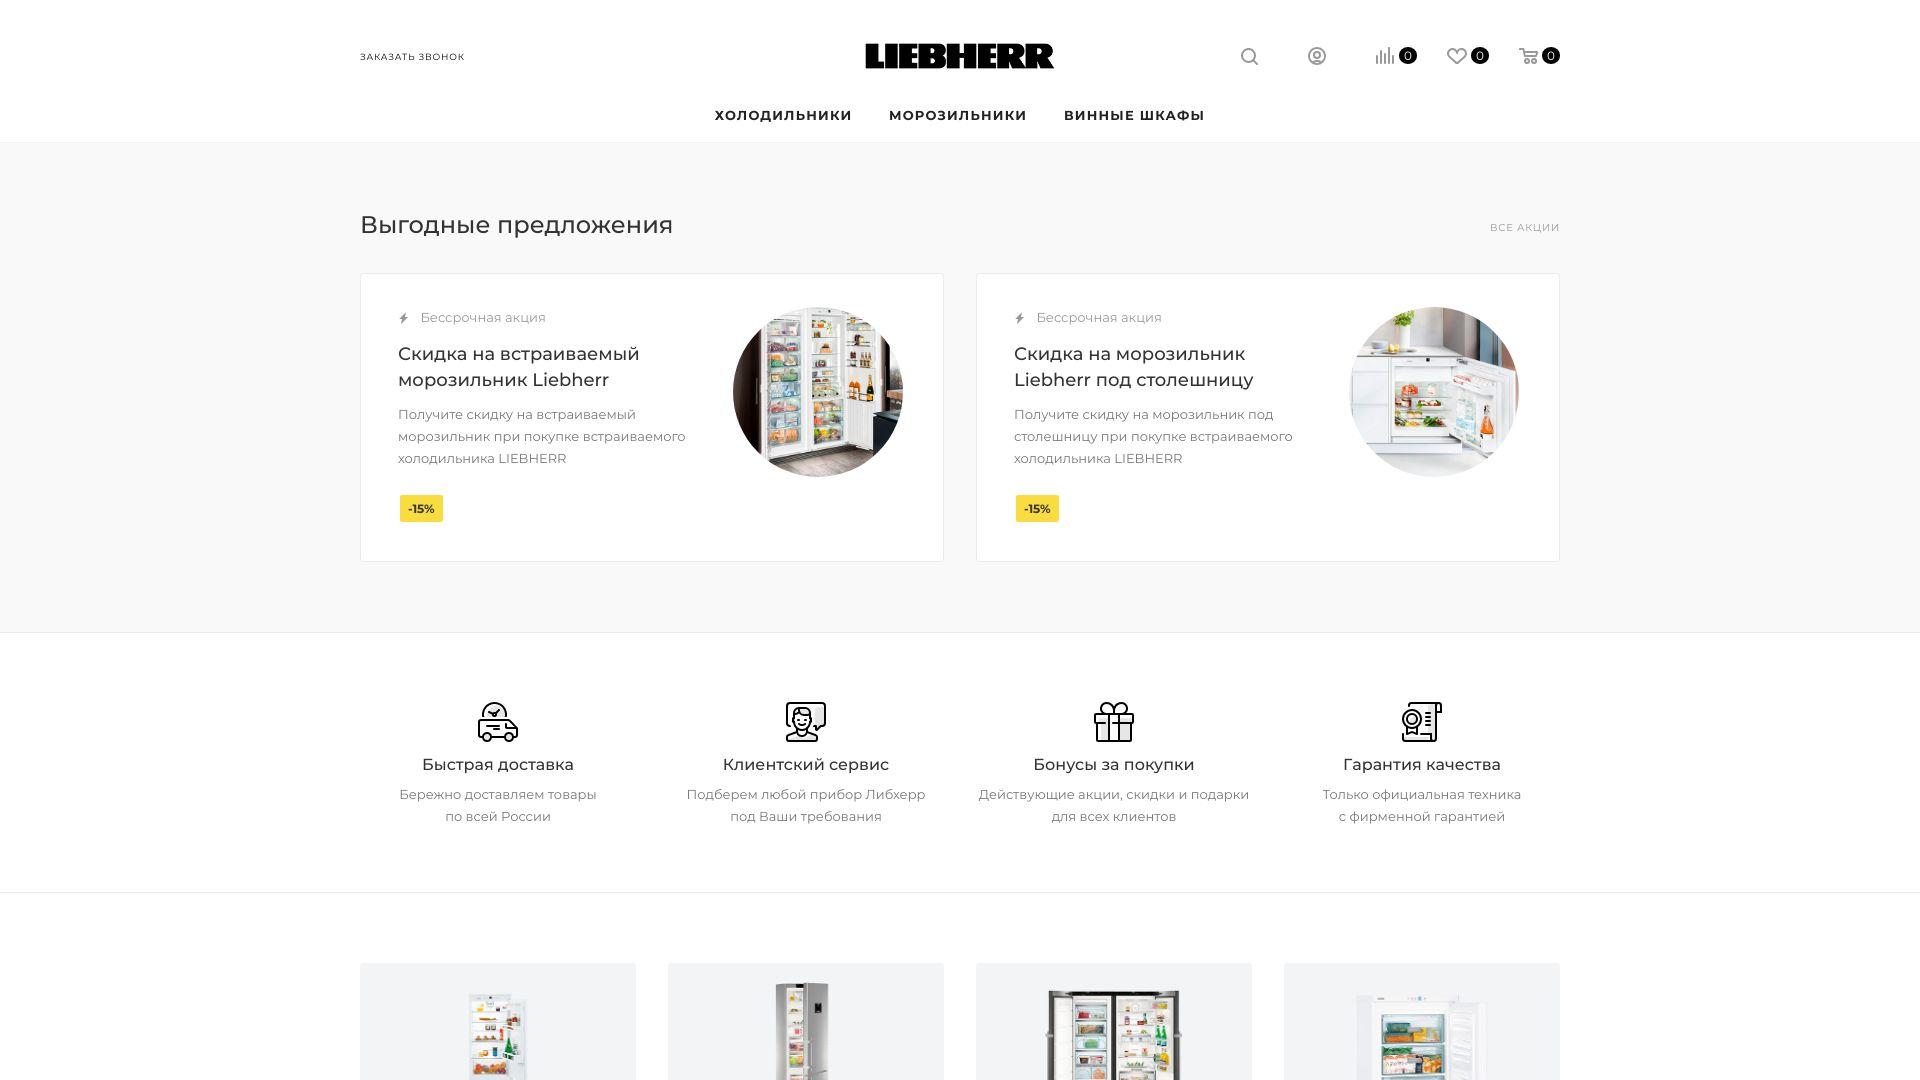 liebherr-official.ru